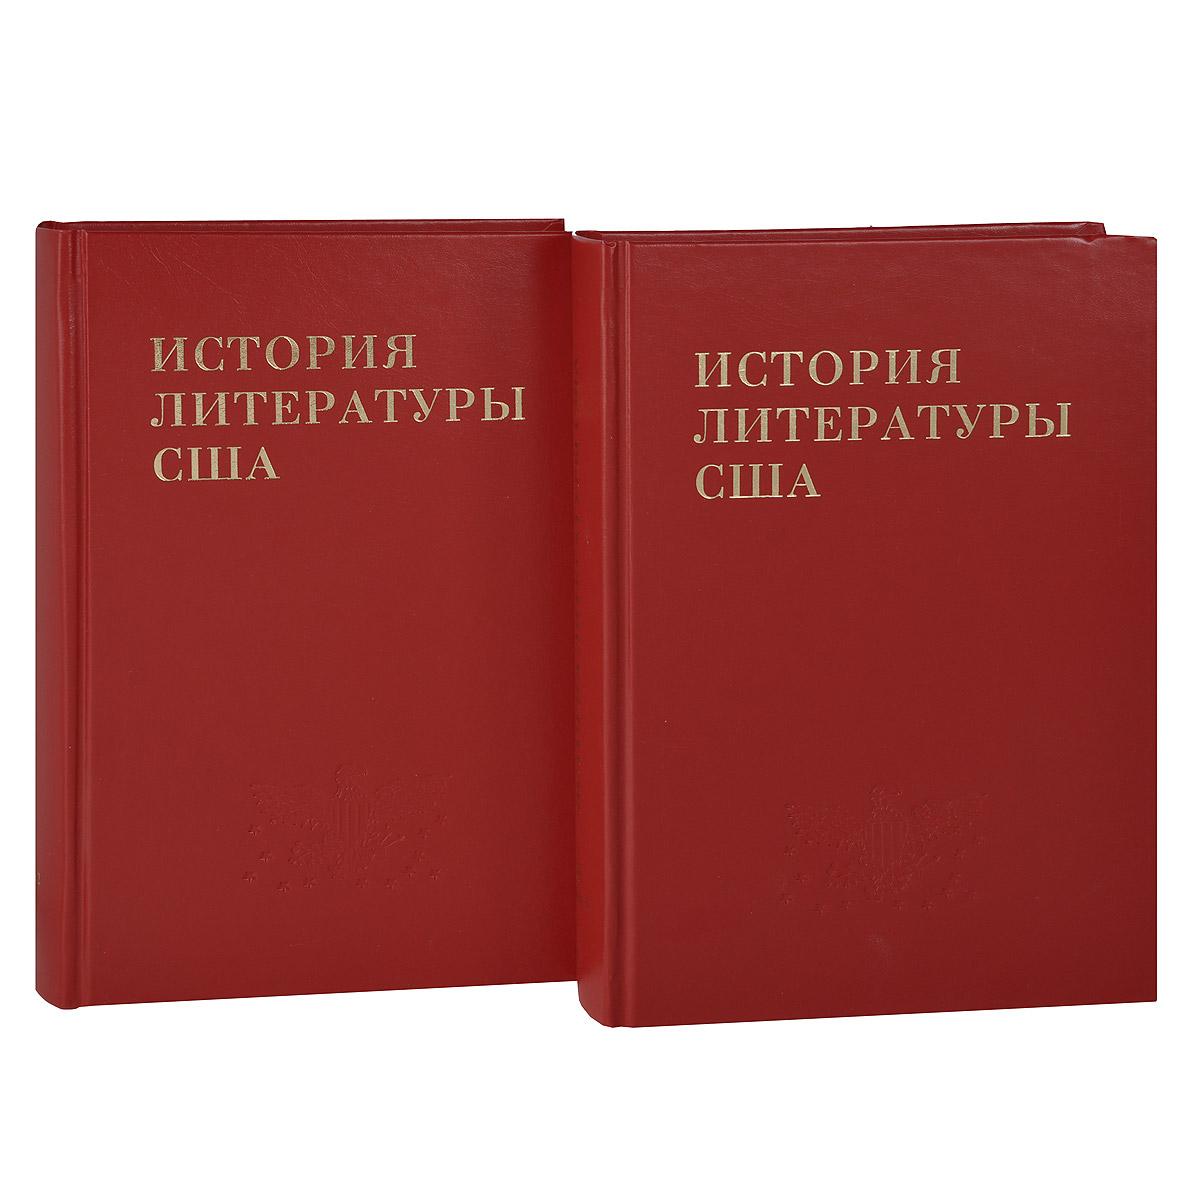 Источник: История литературы США. Том 6. Литература между двумя мировыми войнами. Книги 1, 2 (комплект из 2 книг)